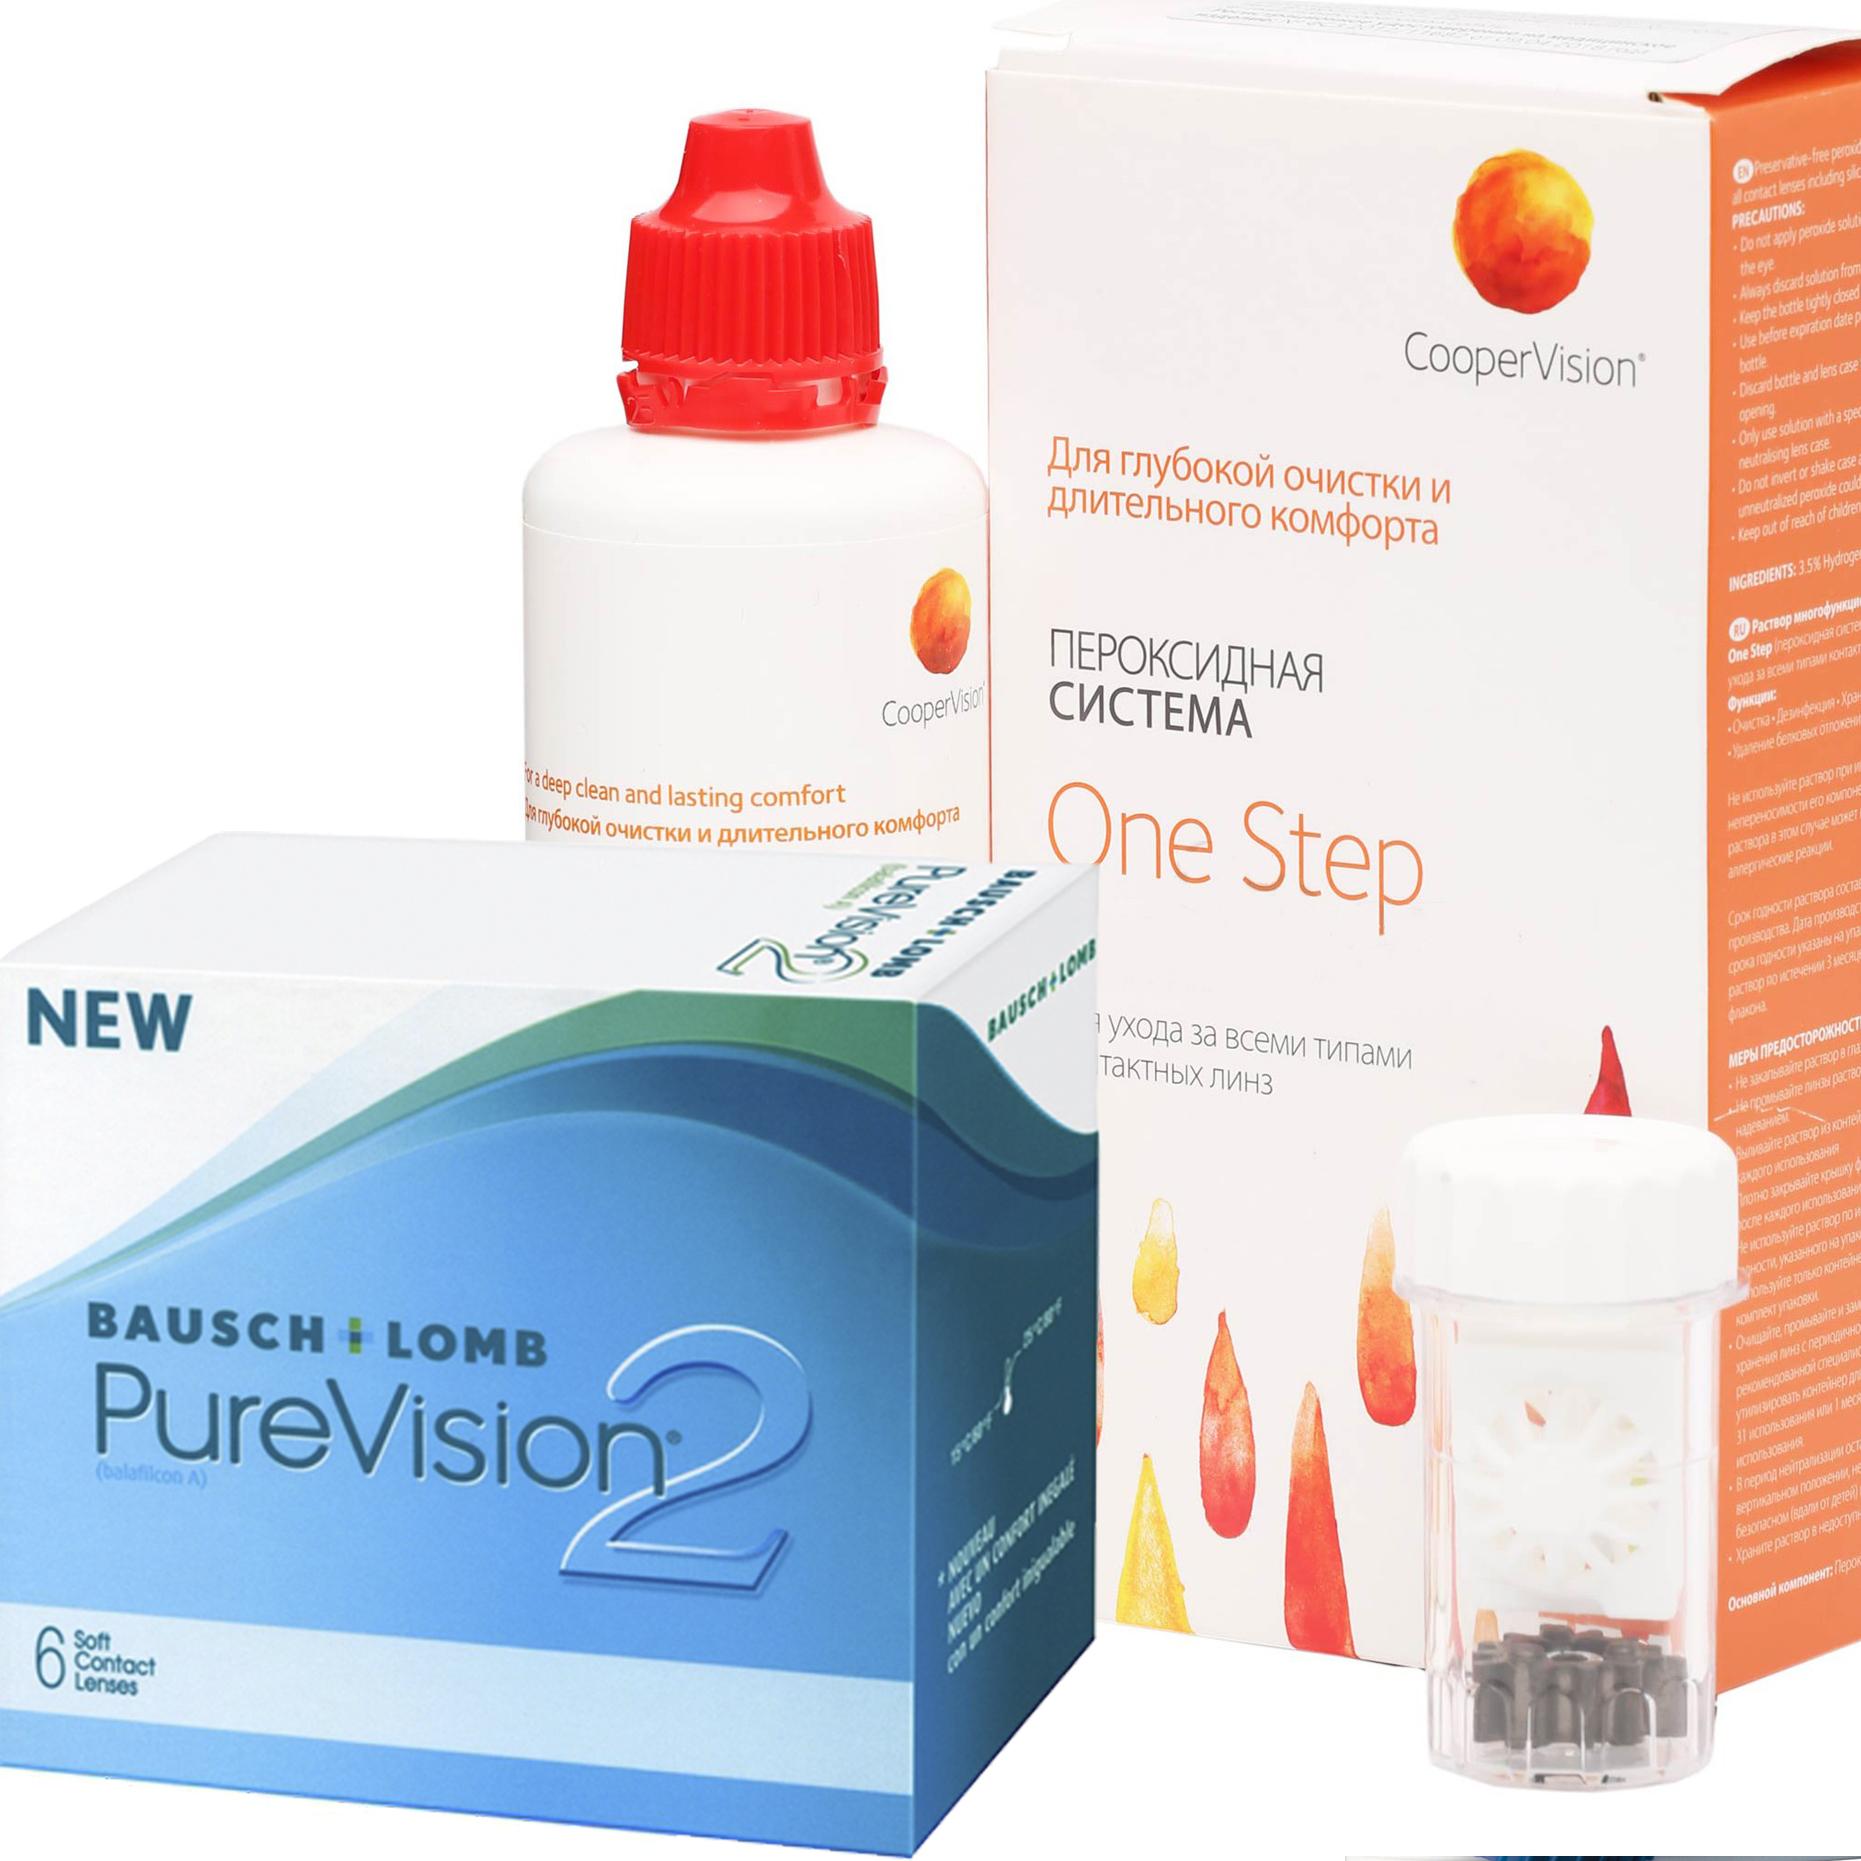 Купить 2 6 линз + One Step, Контактные линзы PureVision 2 6 линз R 8.6 -1, 75 + Раствор One Step 360 мл